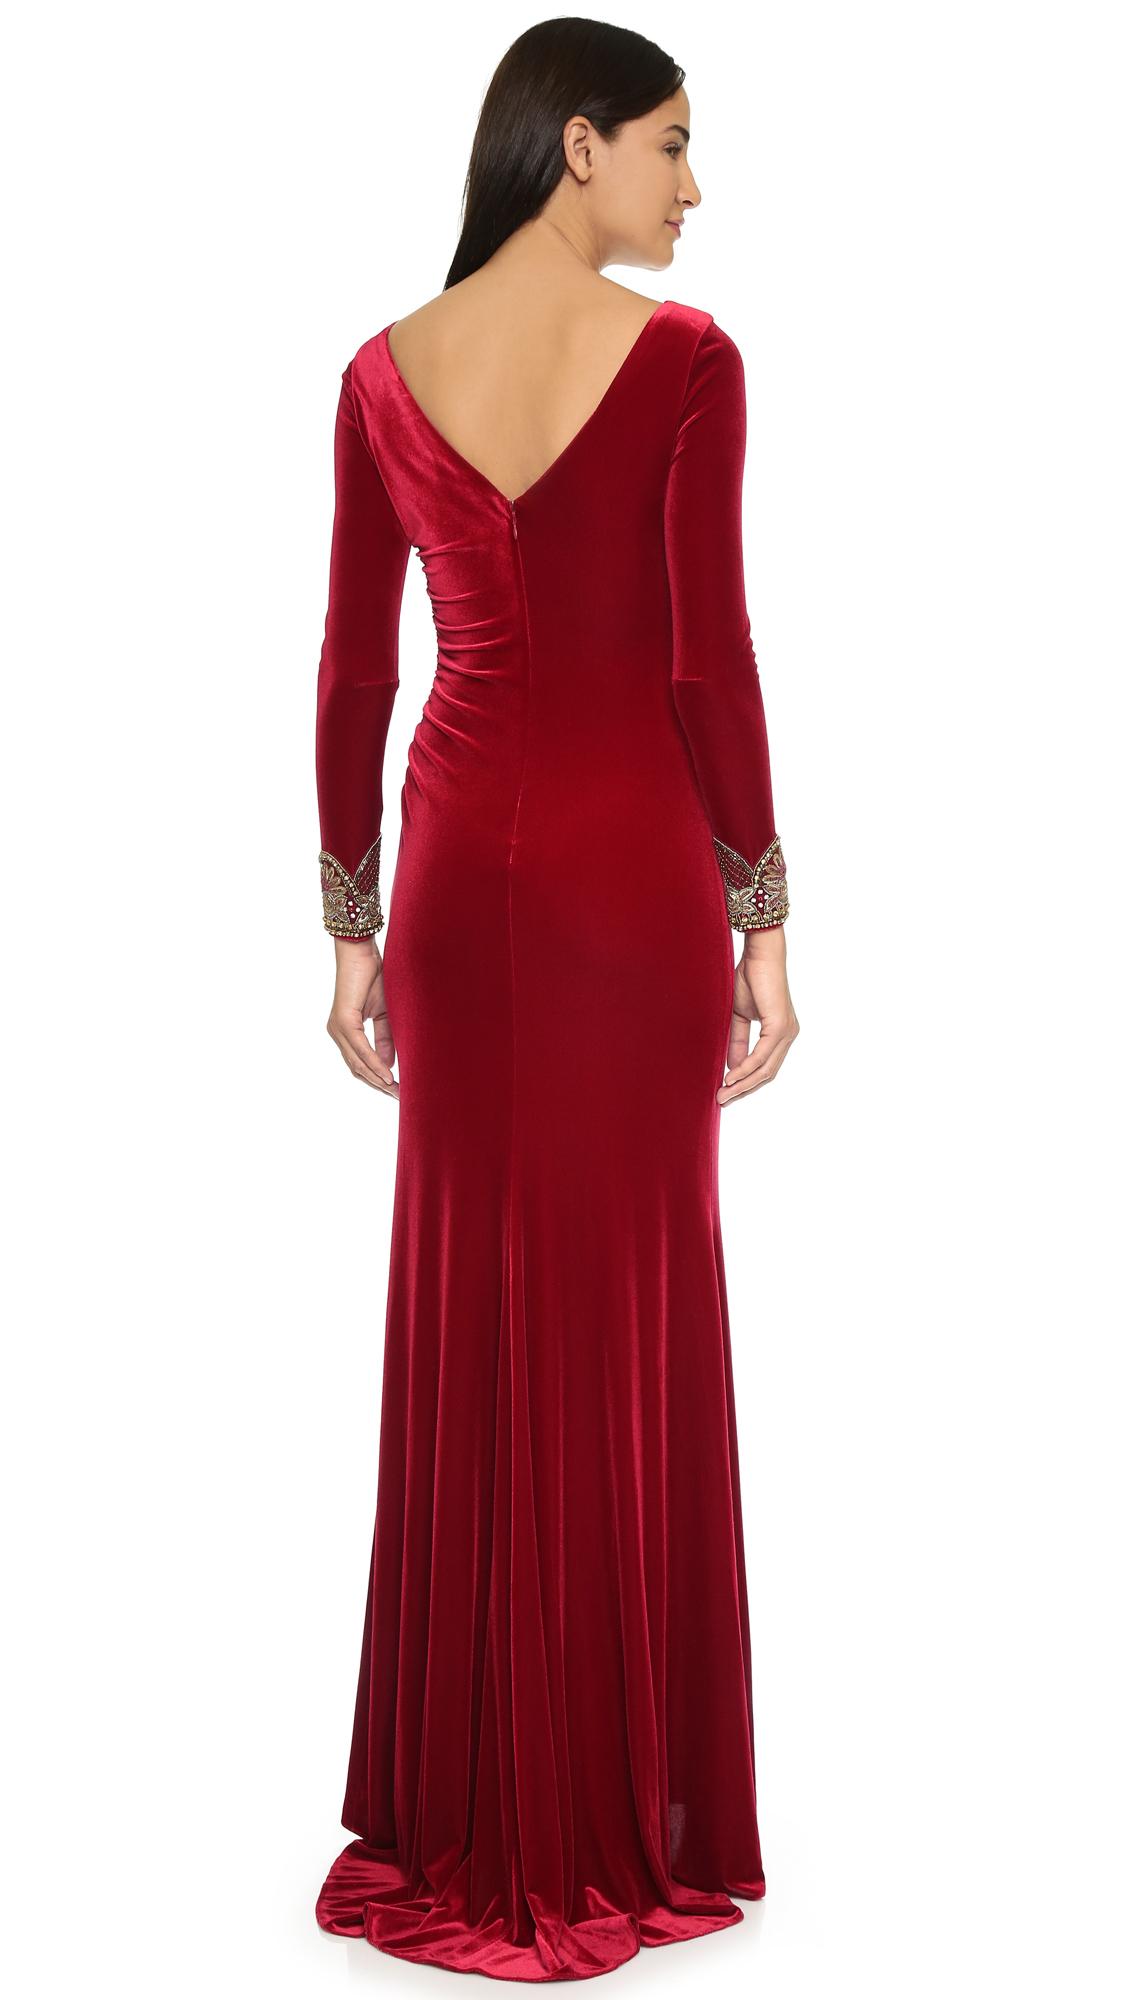 Badgley mischka Velvet Long Sleeve Dress - Crimson in Red  Lyst